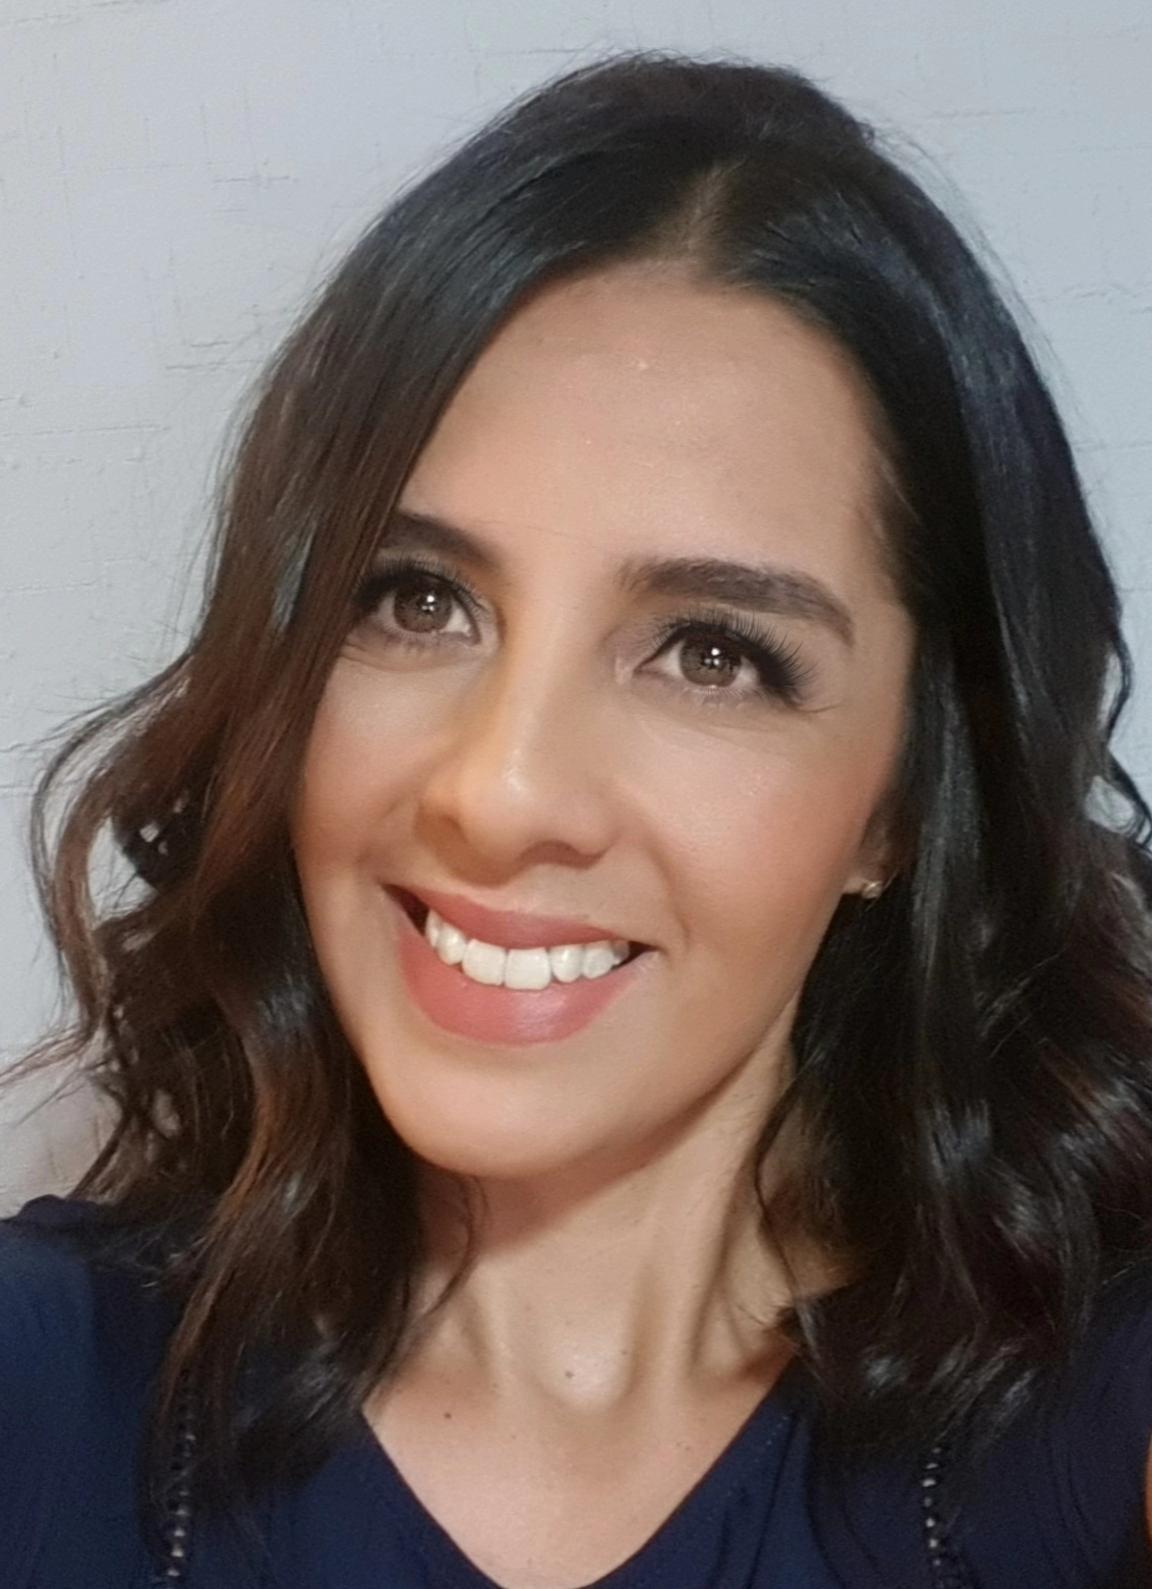 Dña. Silvia Vázquez Alejos